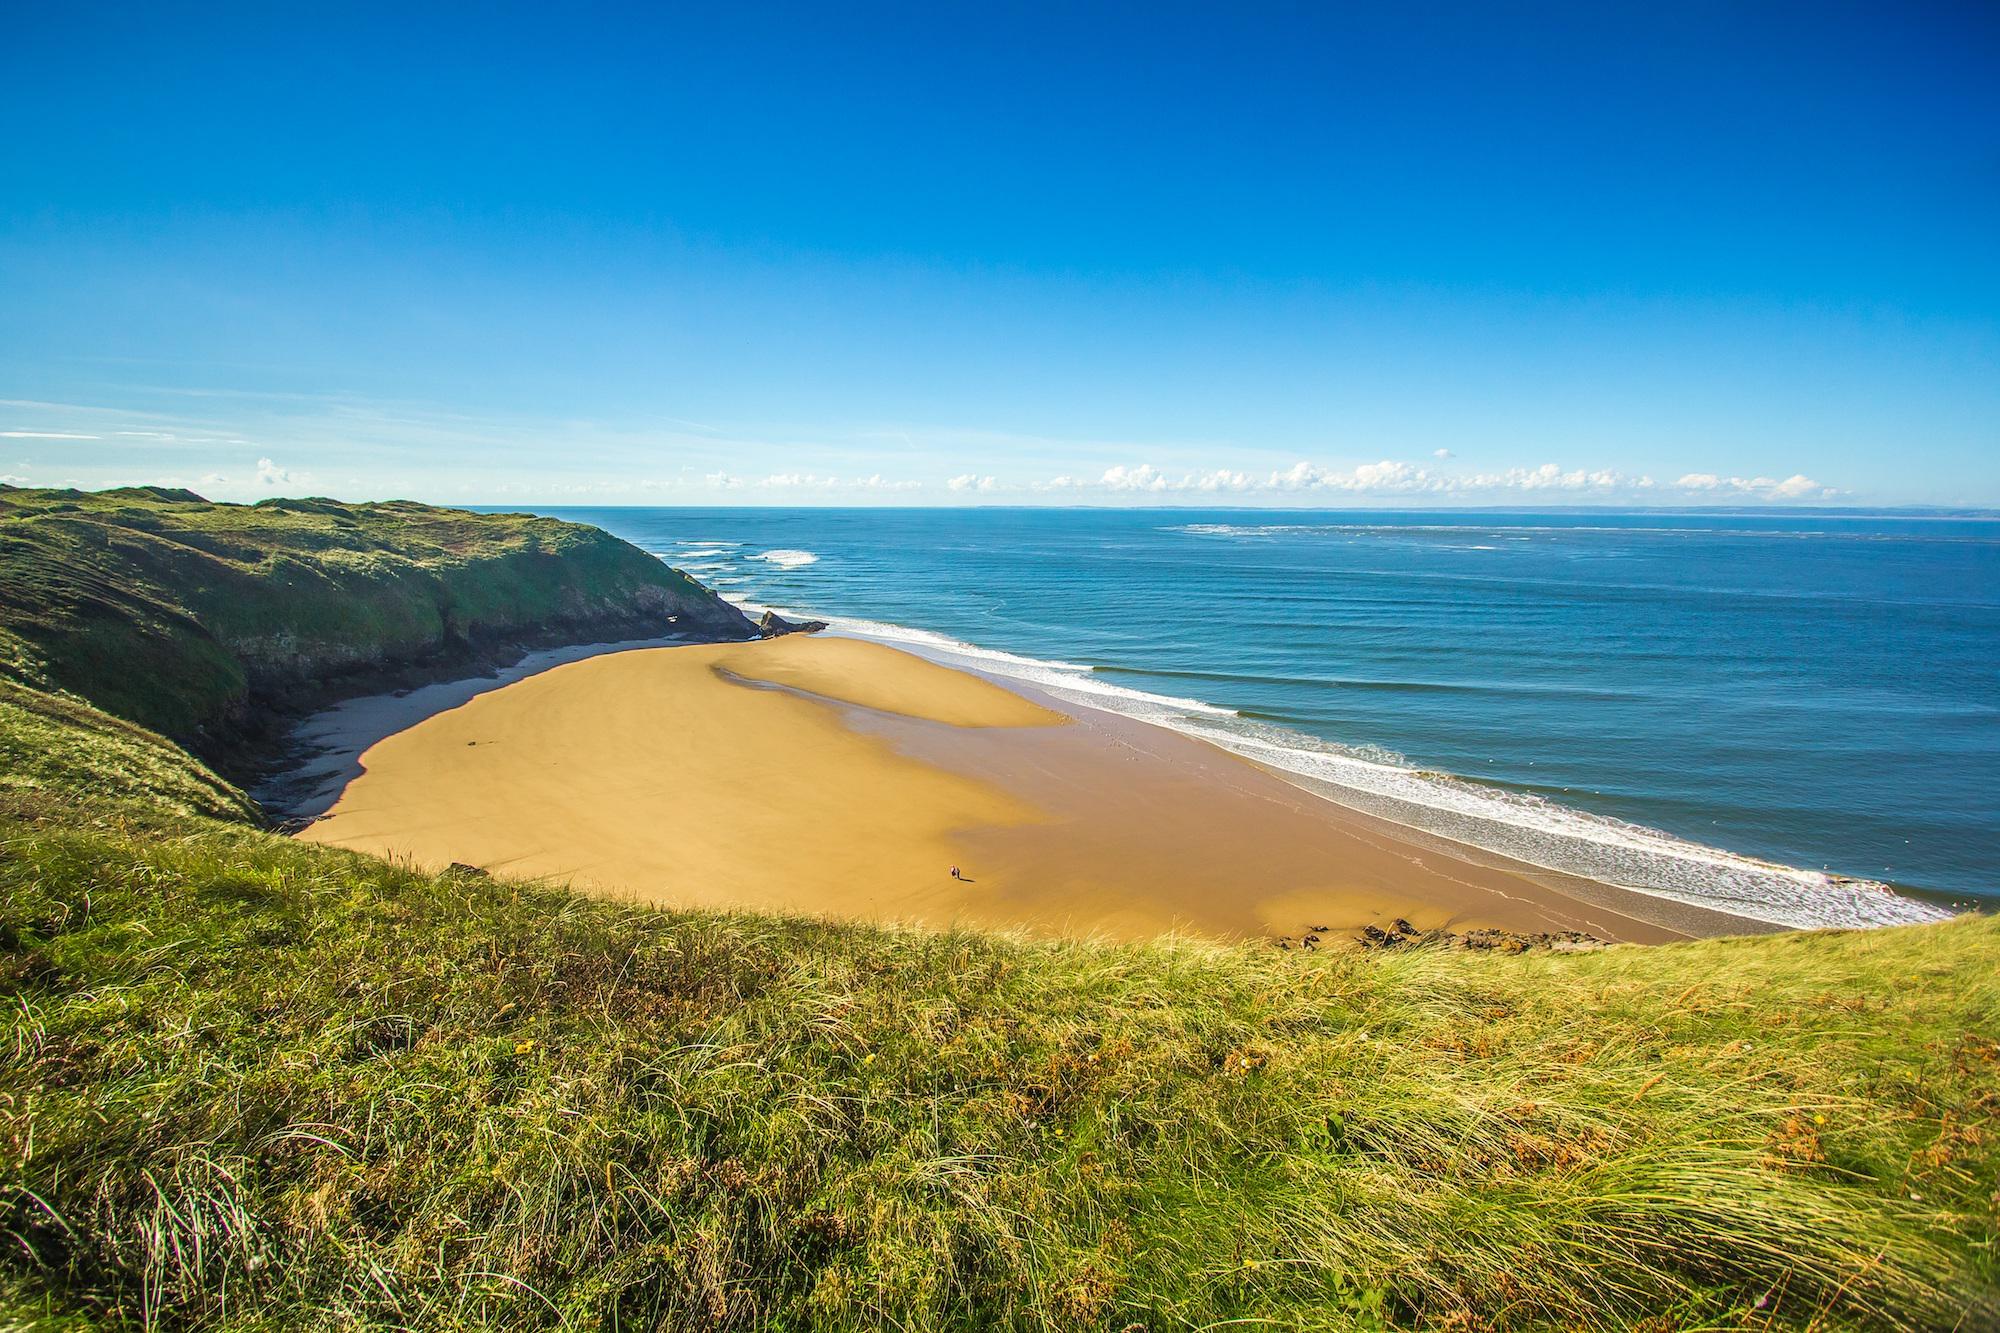 Campervan hire in South Wales | Campervan rental companies in South Wales